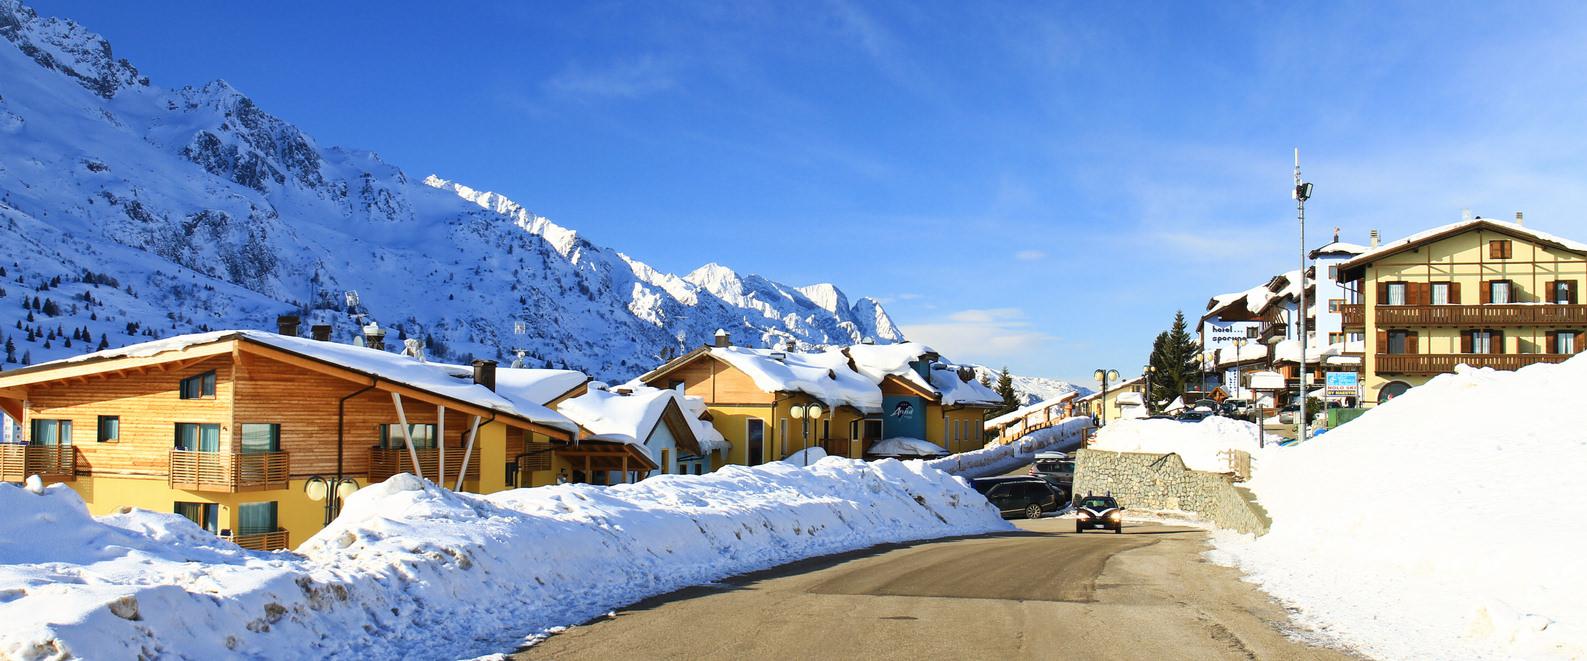 Passo del Tonale, inverno